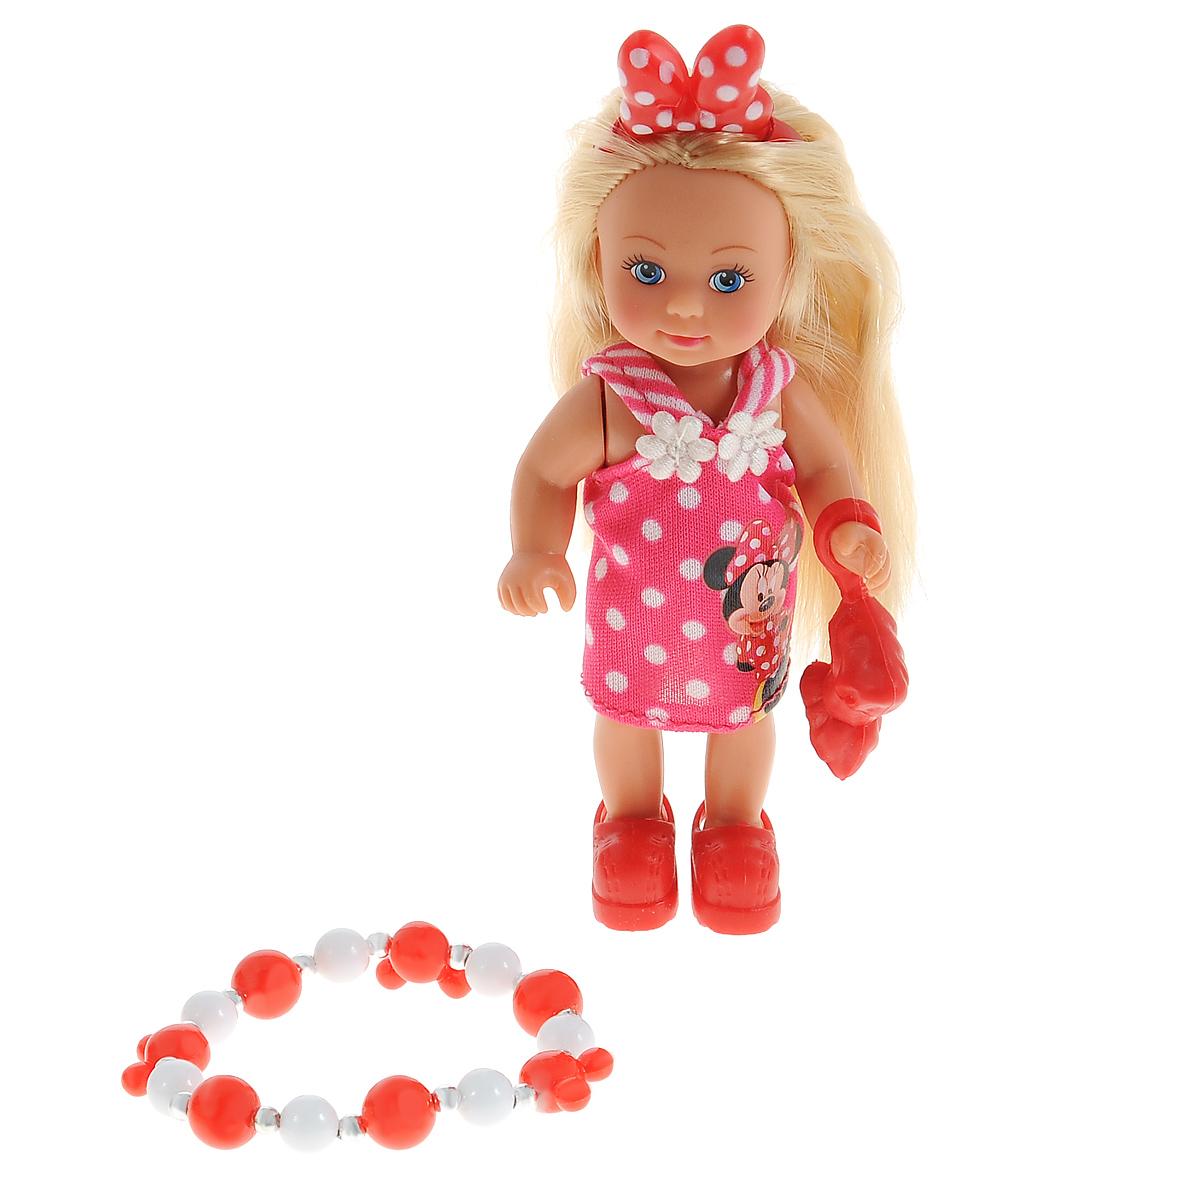 Simba Мини-кукла Еви Minnie Mouse цвет розовый simba фотокамера герои диснея тачки